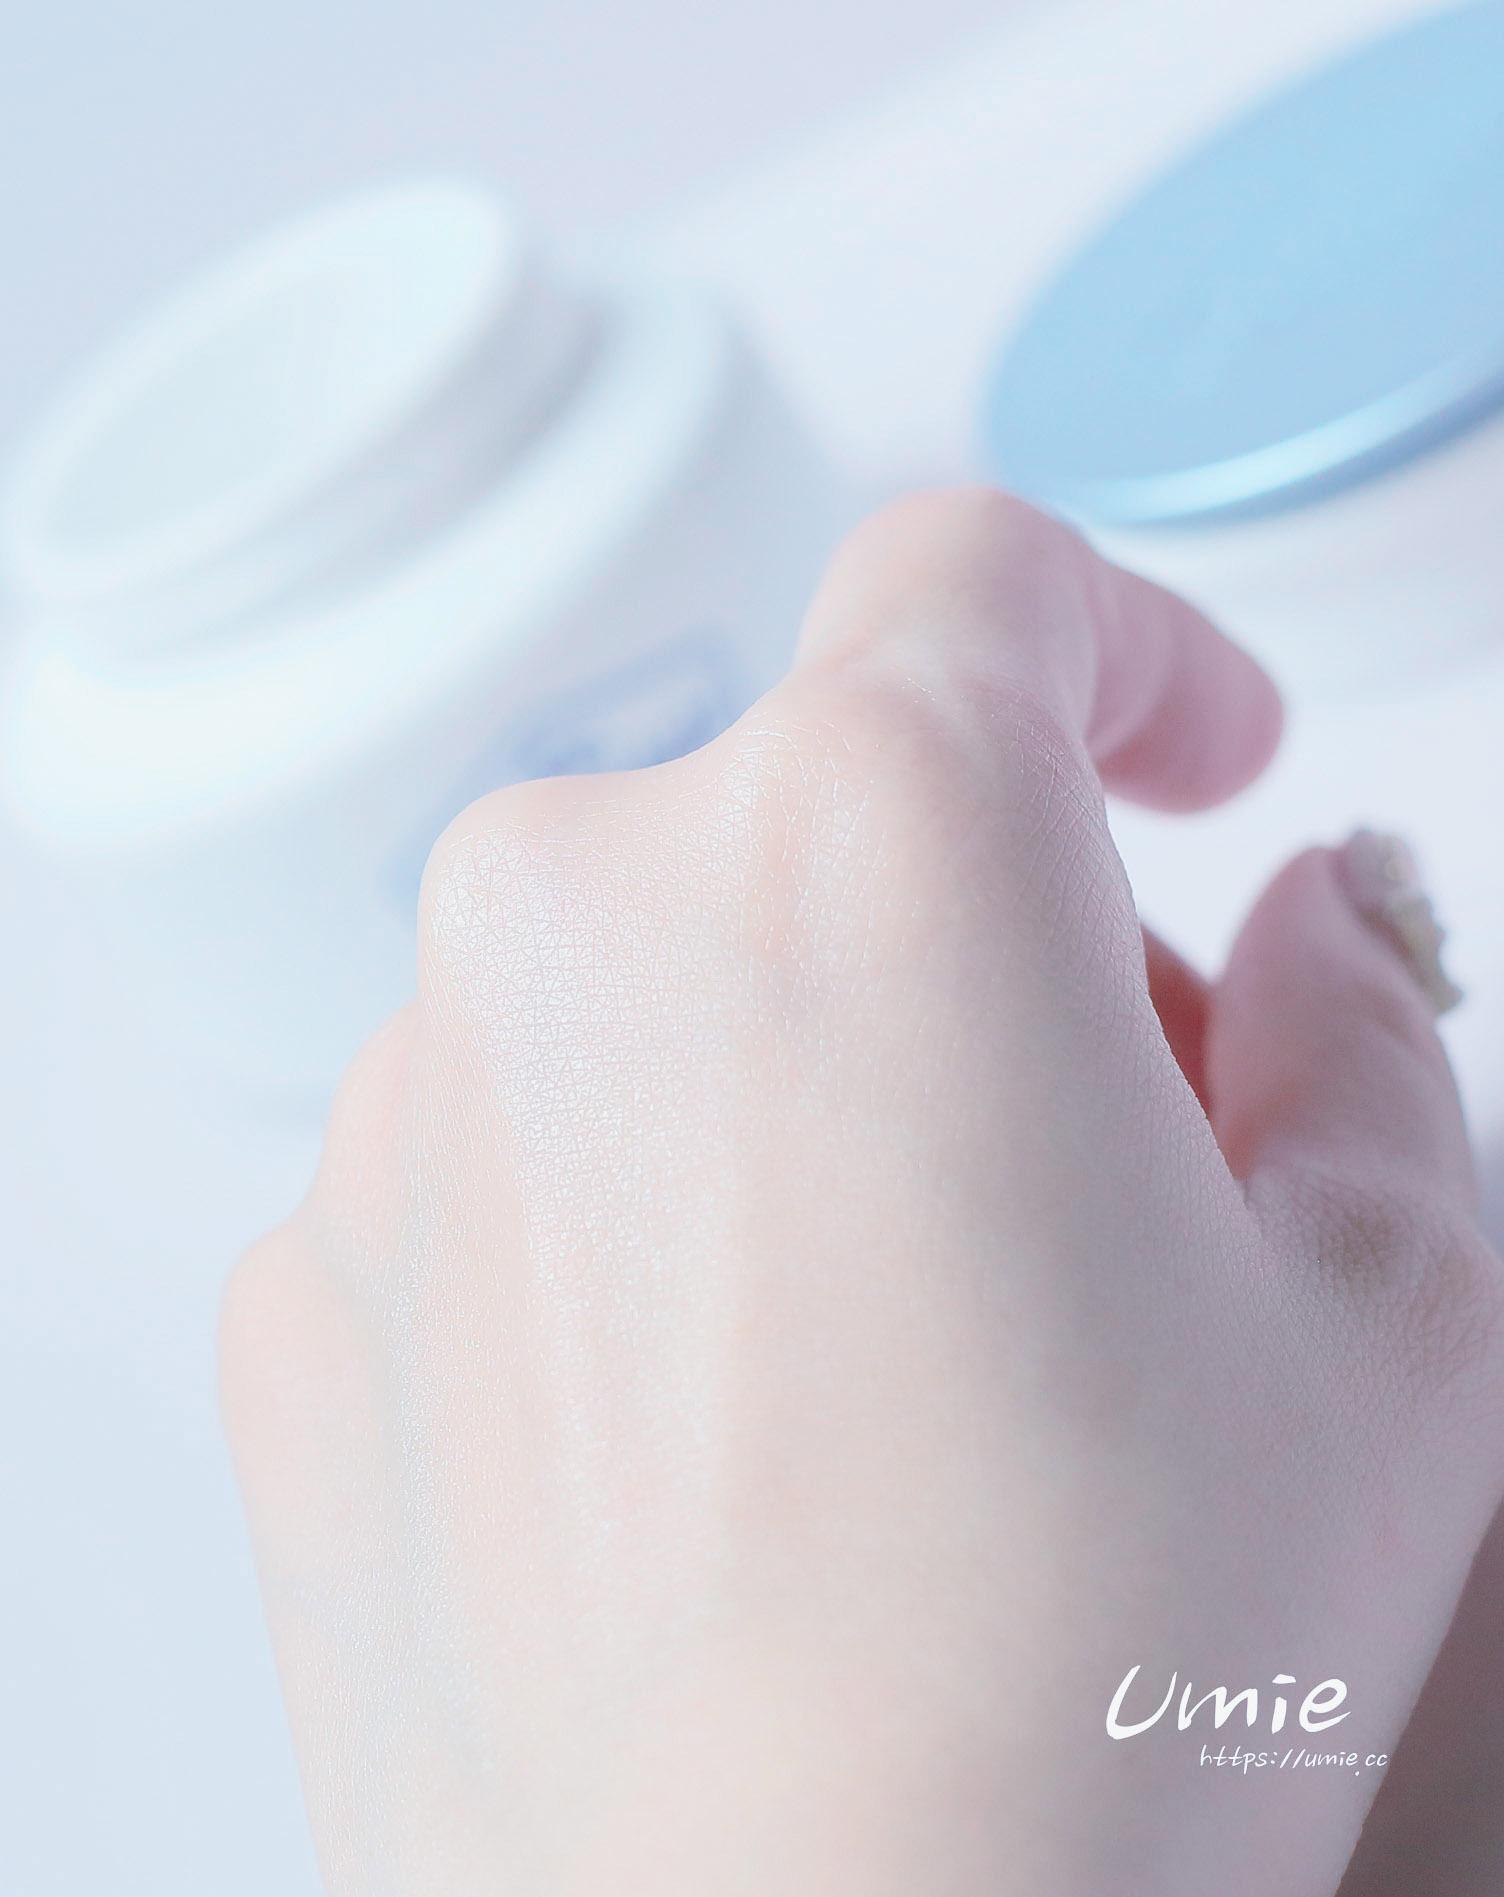 敏感乾肌痘痘肌抗老推薦|THE FACE SHOP 肌本博士 紅蜂膠A醇精華液,細紋、乾燥、毛孔一瓶 OK。